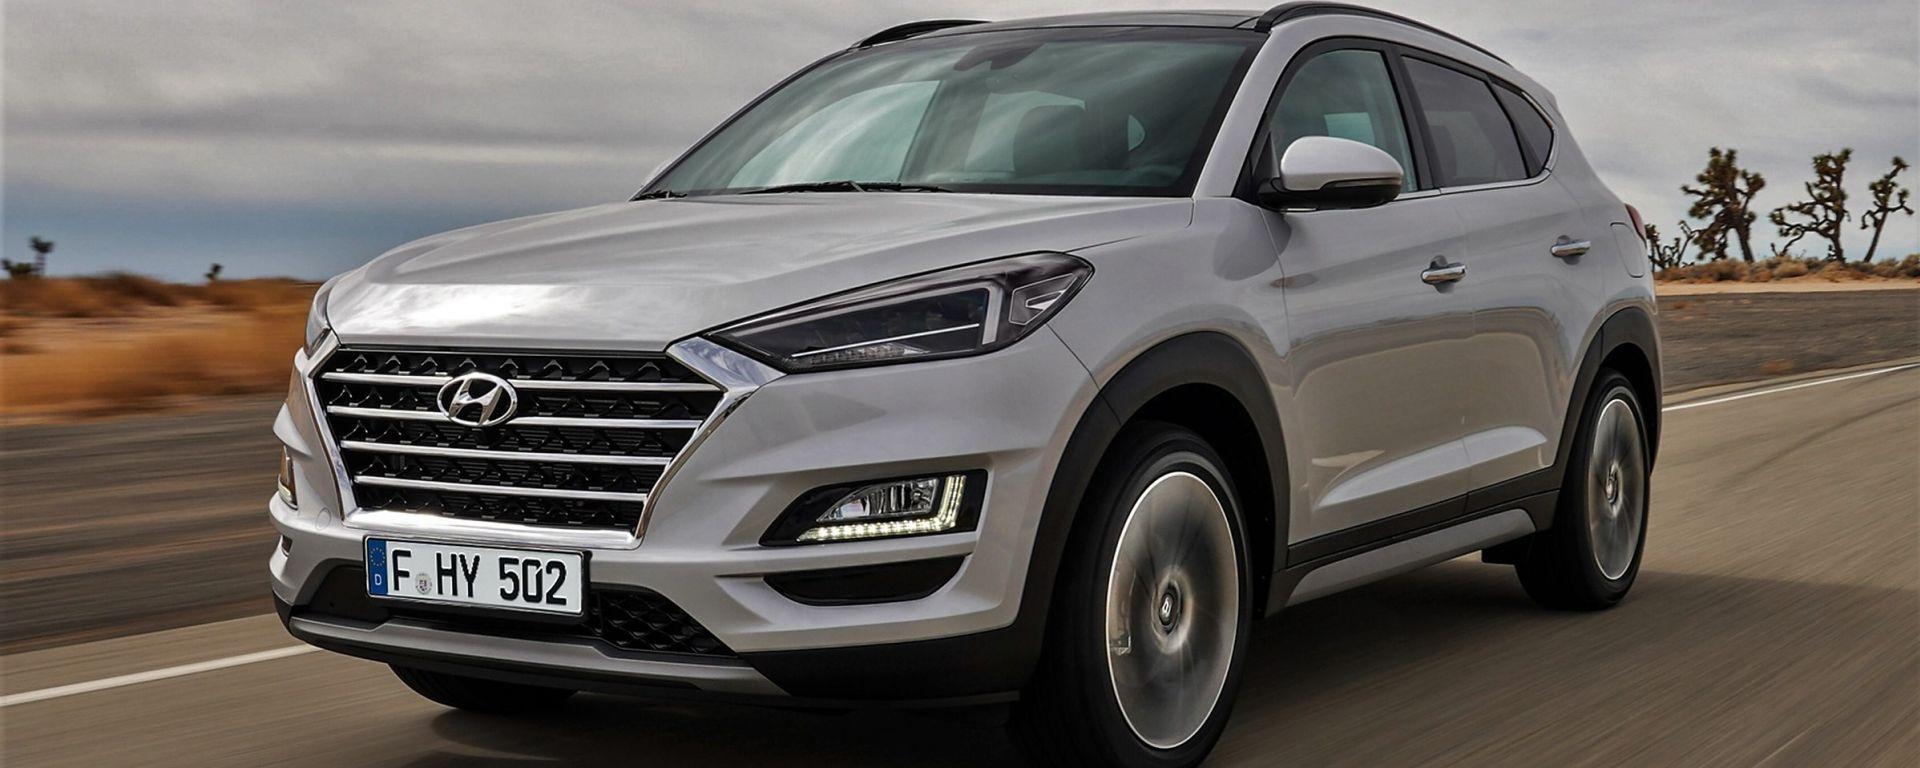 Hyundai Tucson 2018: il restyling è anche mild hybrid